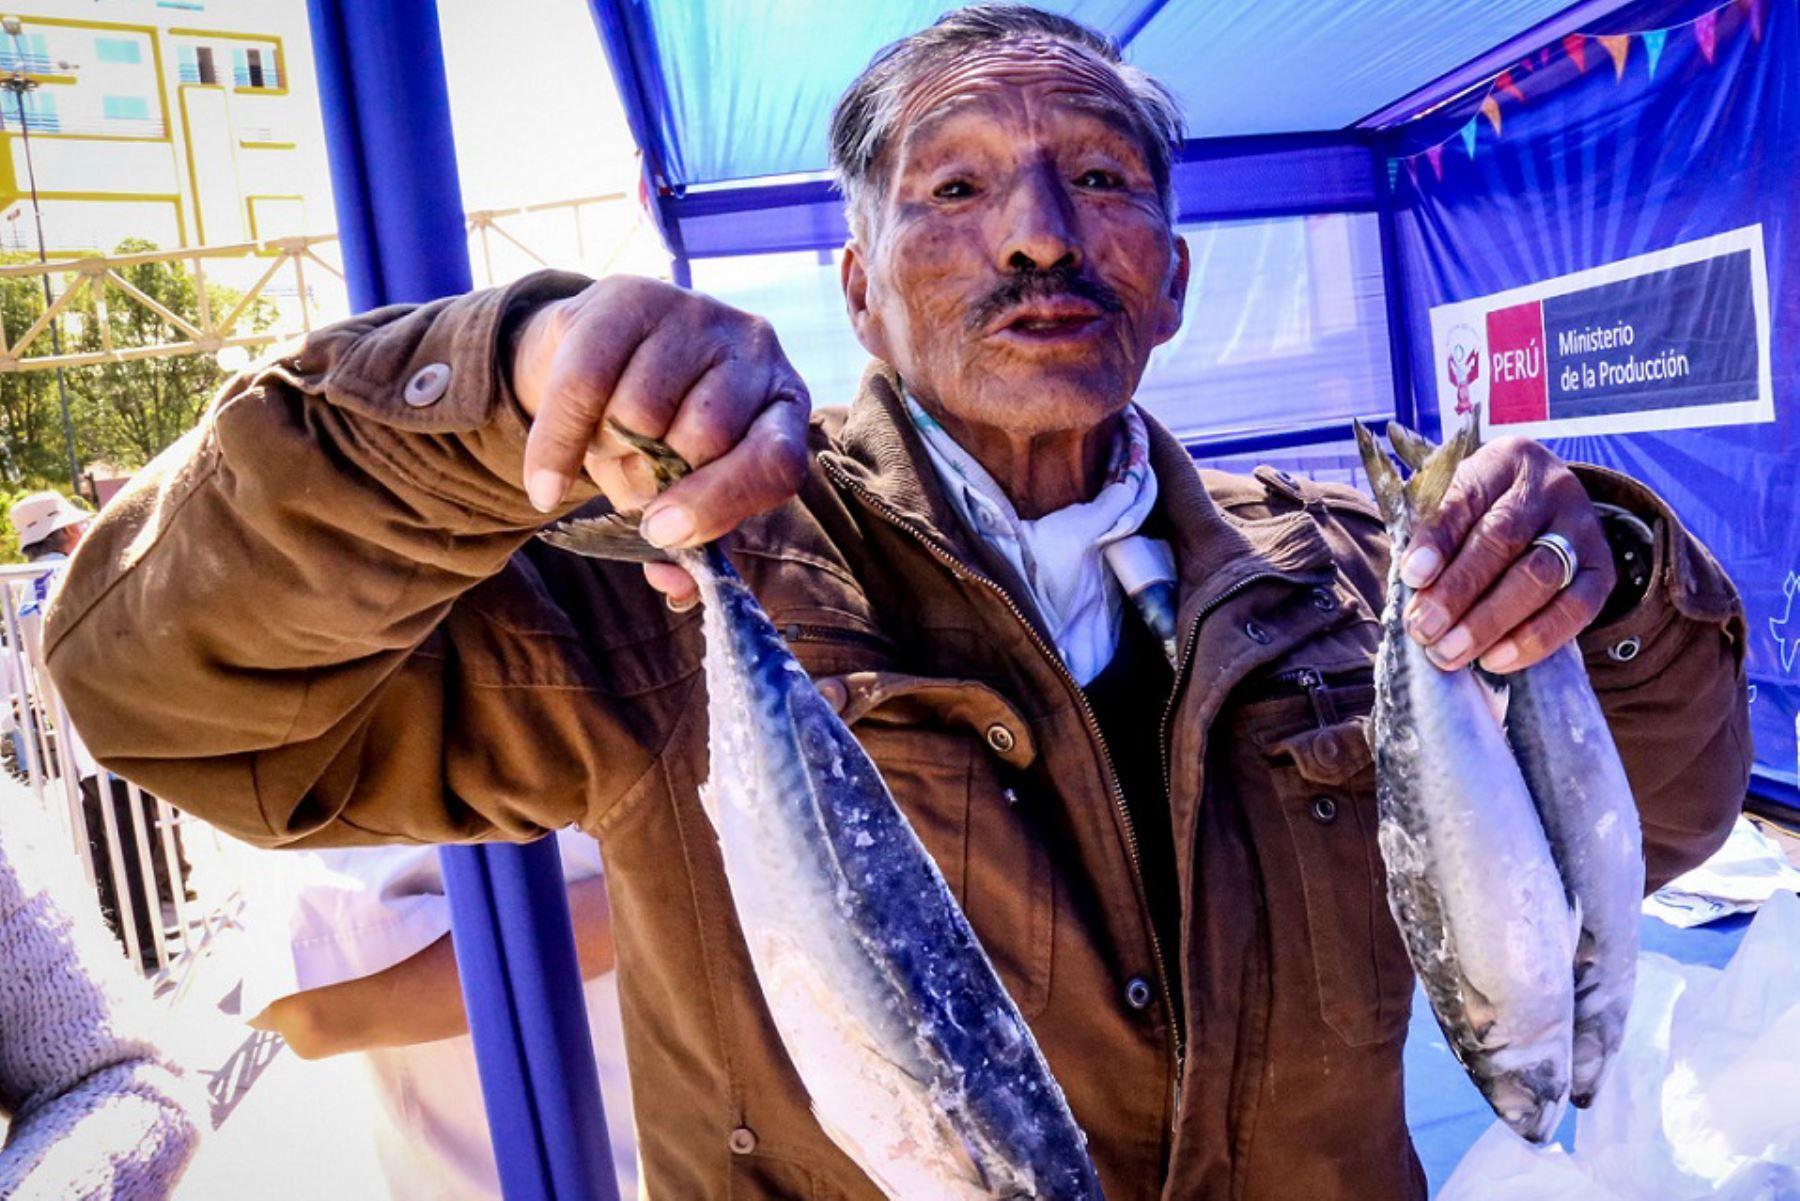 Ofrecerán pescados a precios cómodos en Chupaca, en Junín.